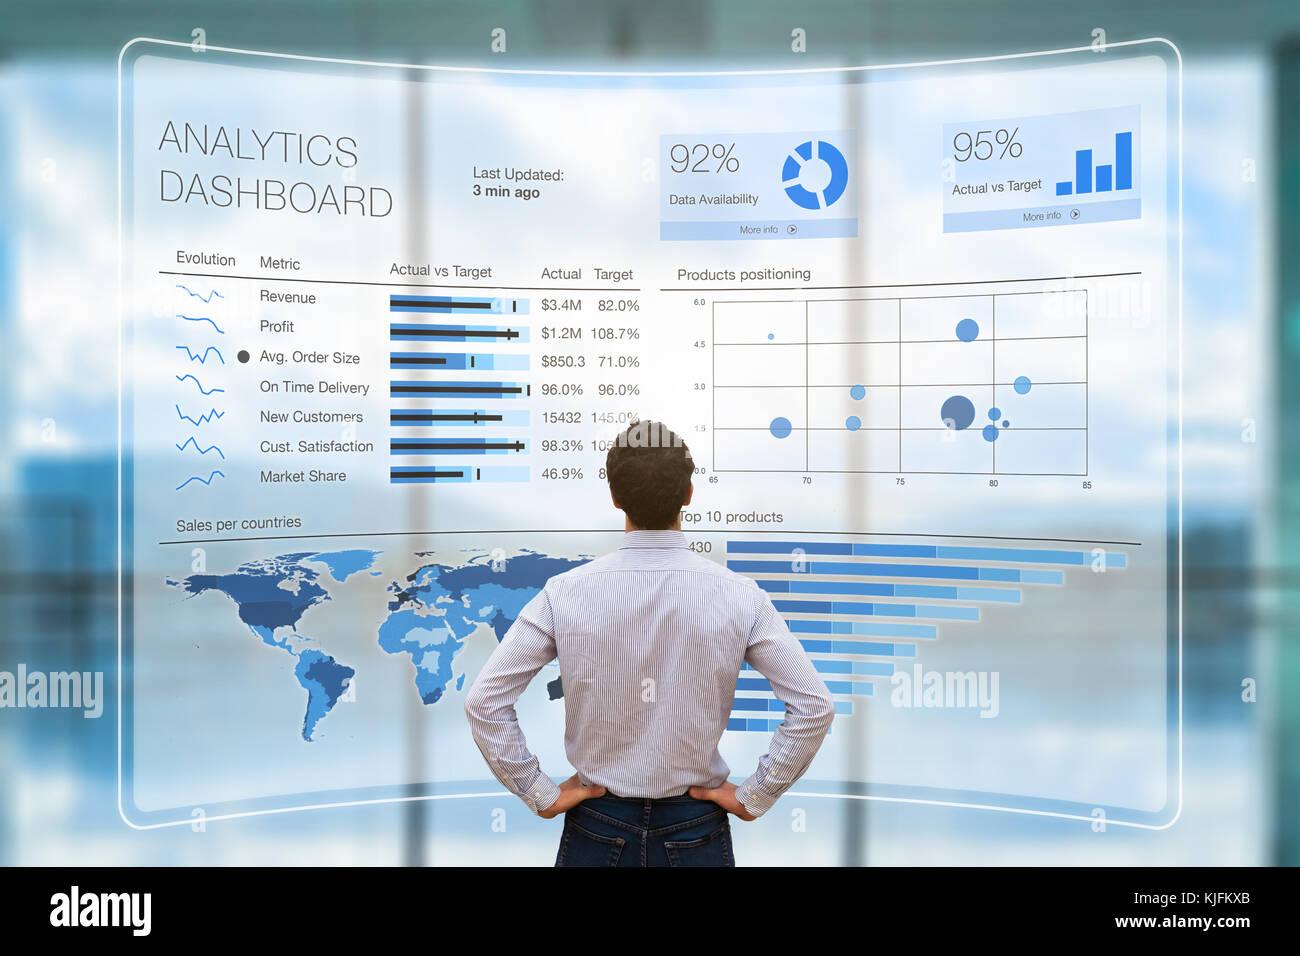 Análisis de un empresario de Business Analytics (BA) o inteligencia (BI) tablero virtual en pantalla que muestra los datos de ventas y operaciones de gráficos estadísticos Una Foto de stock